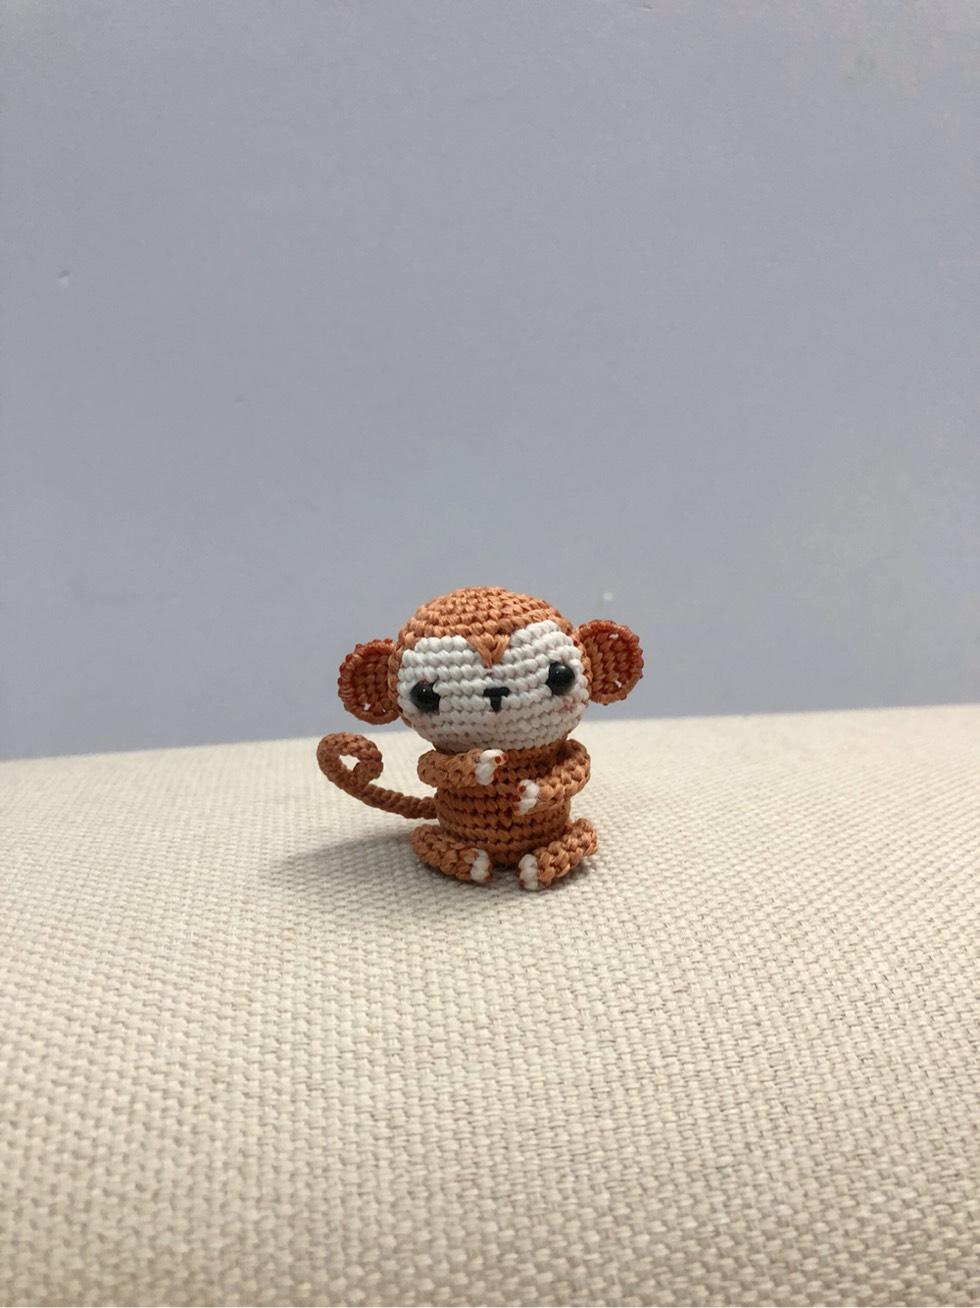 中国结论坛 十二生肖-猴几 十二生肖猴的来历简短,十二生肖猴的寓意 作品展示 180500hnfyoh7tjntyhnw5